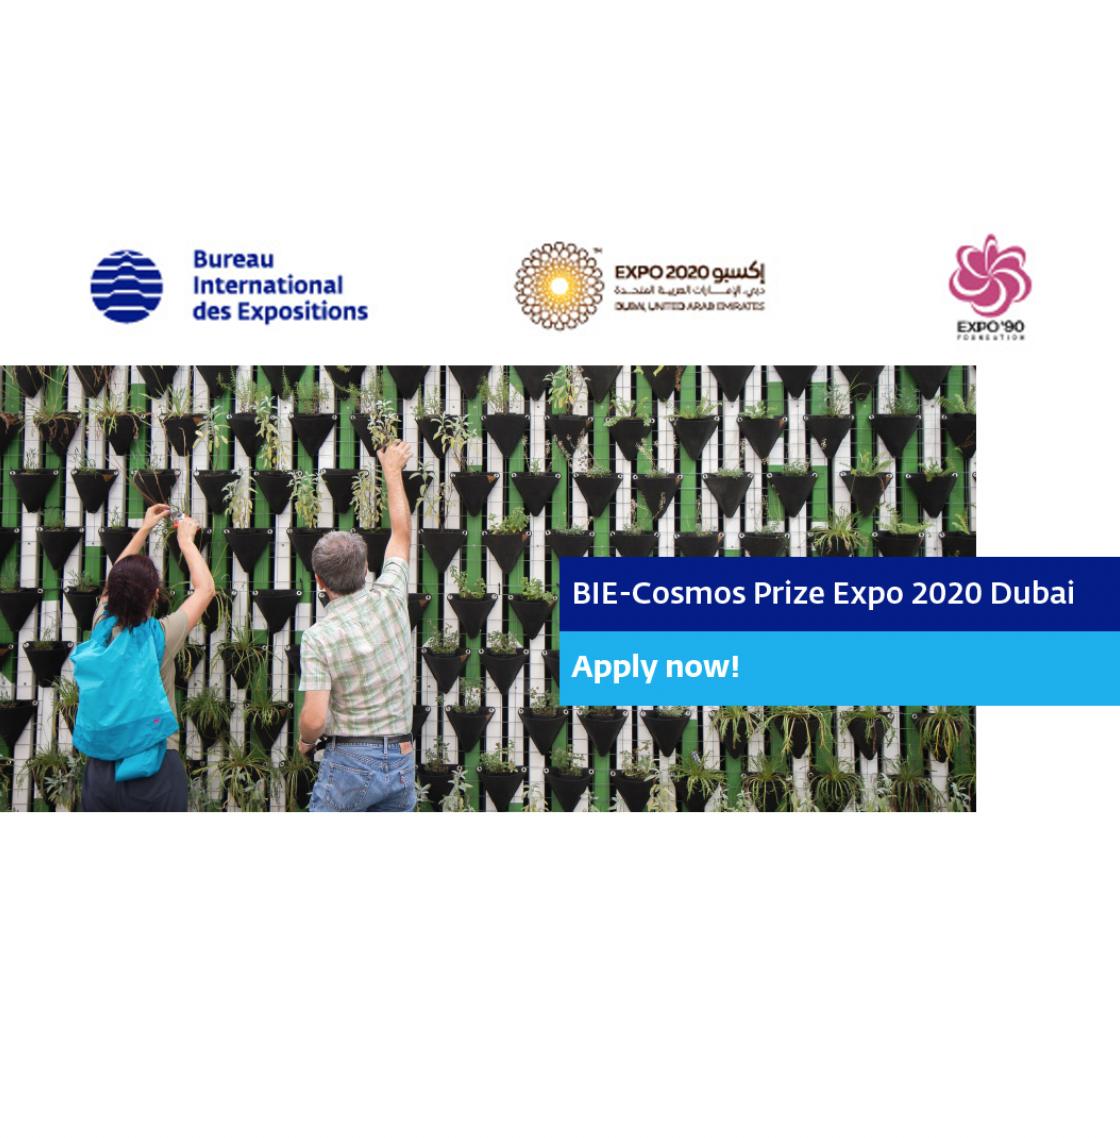 Mở đơn đăng ký tham dự Giải thưởng BIE-Cosmos, Expo 2020 Dubai